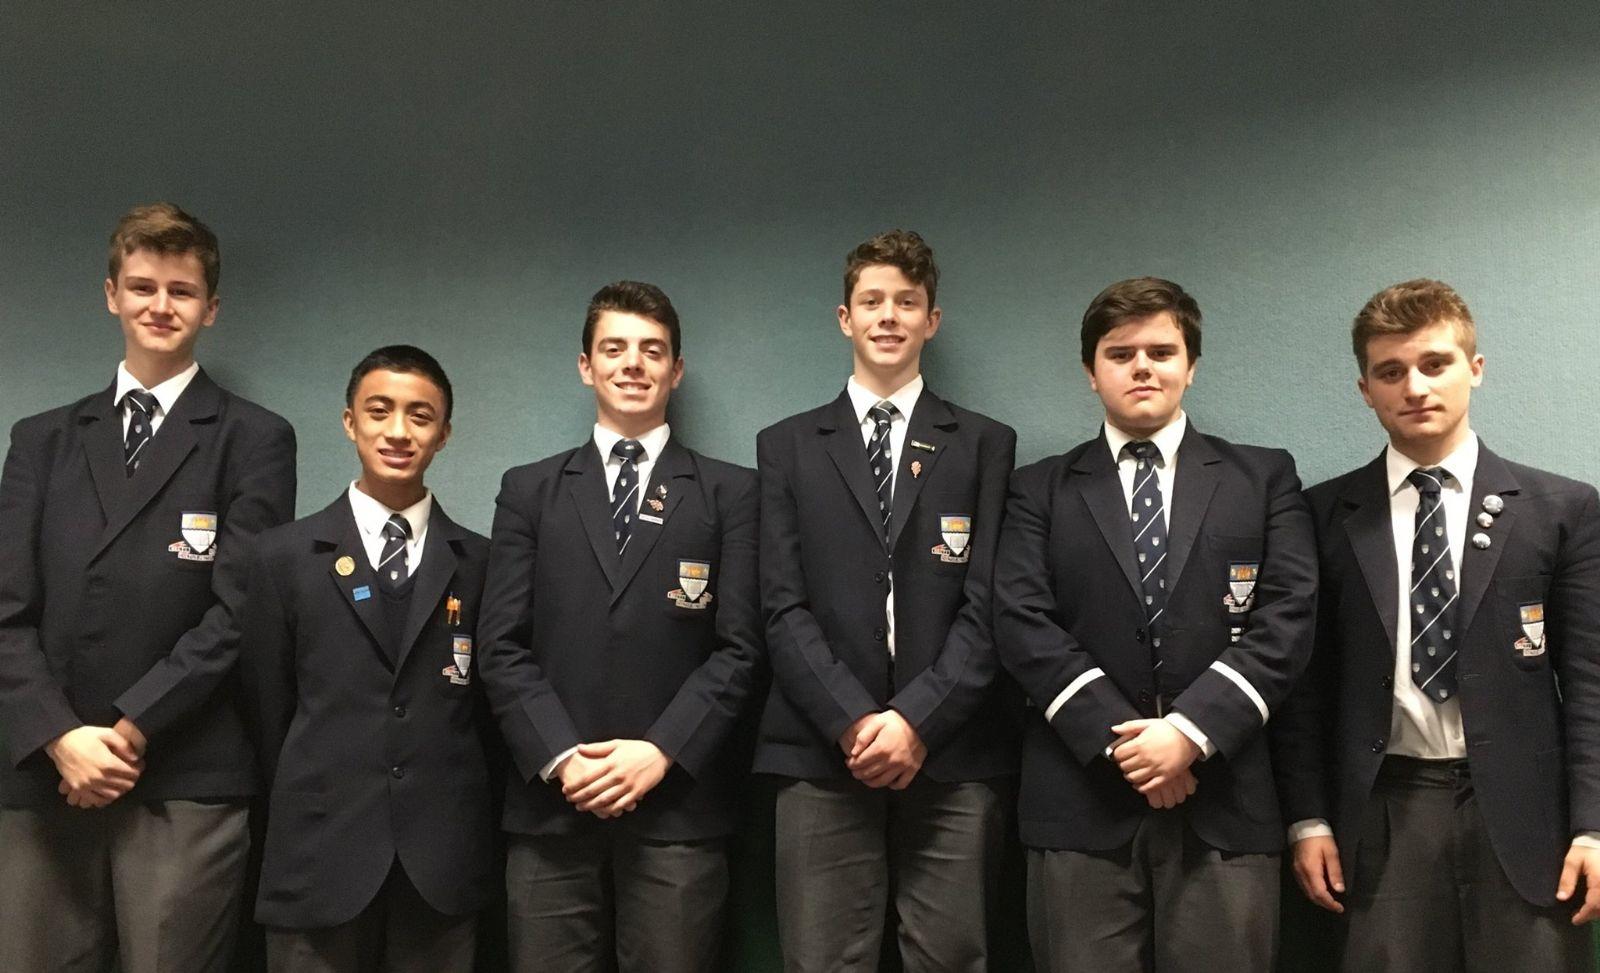 新西兰公立学校,新西兰中学,新西兰留学,奥塔哥男子中学